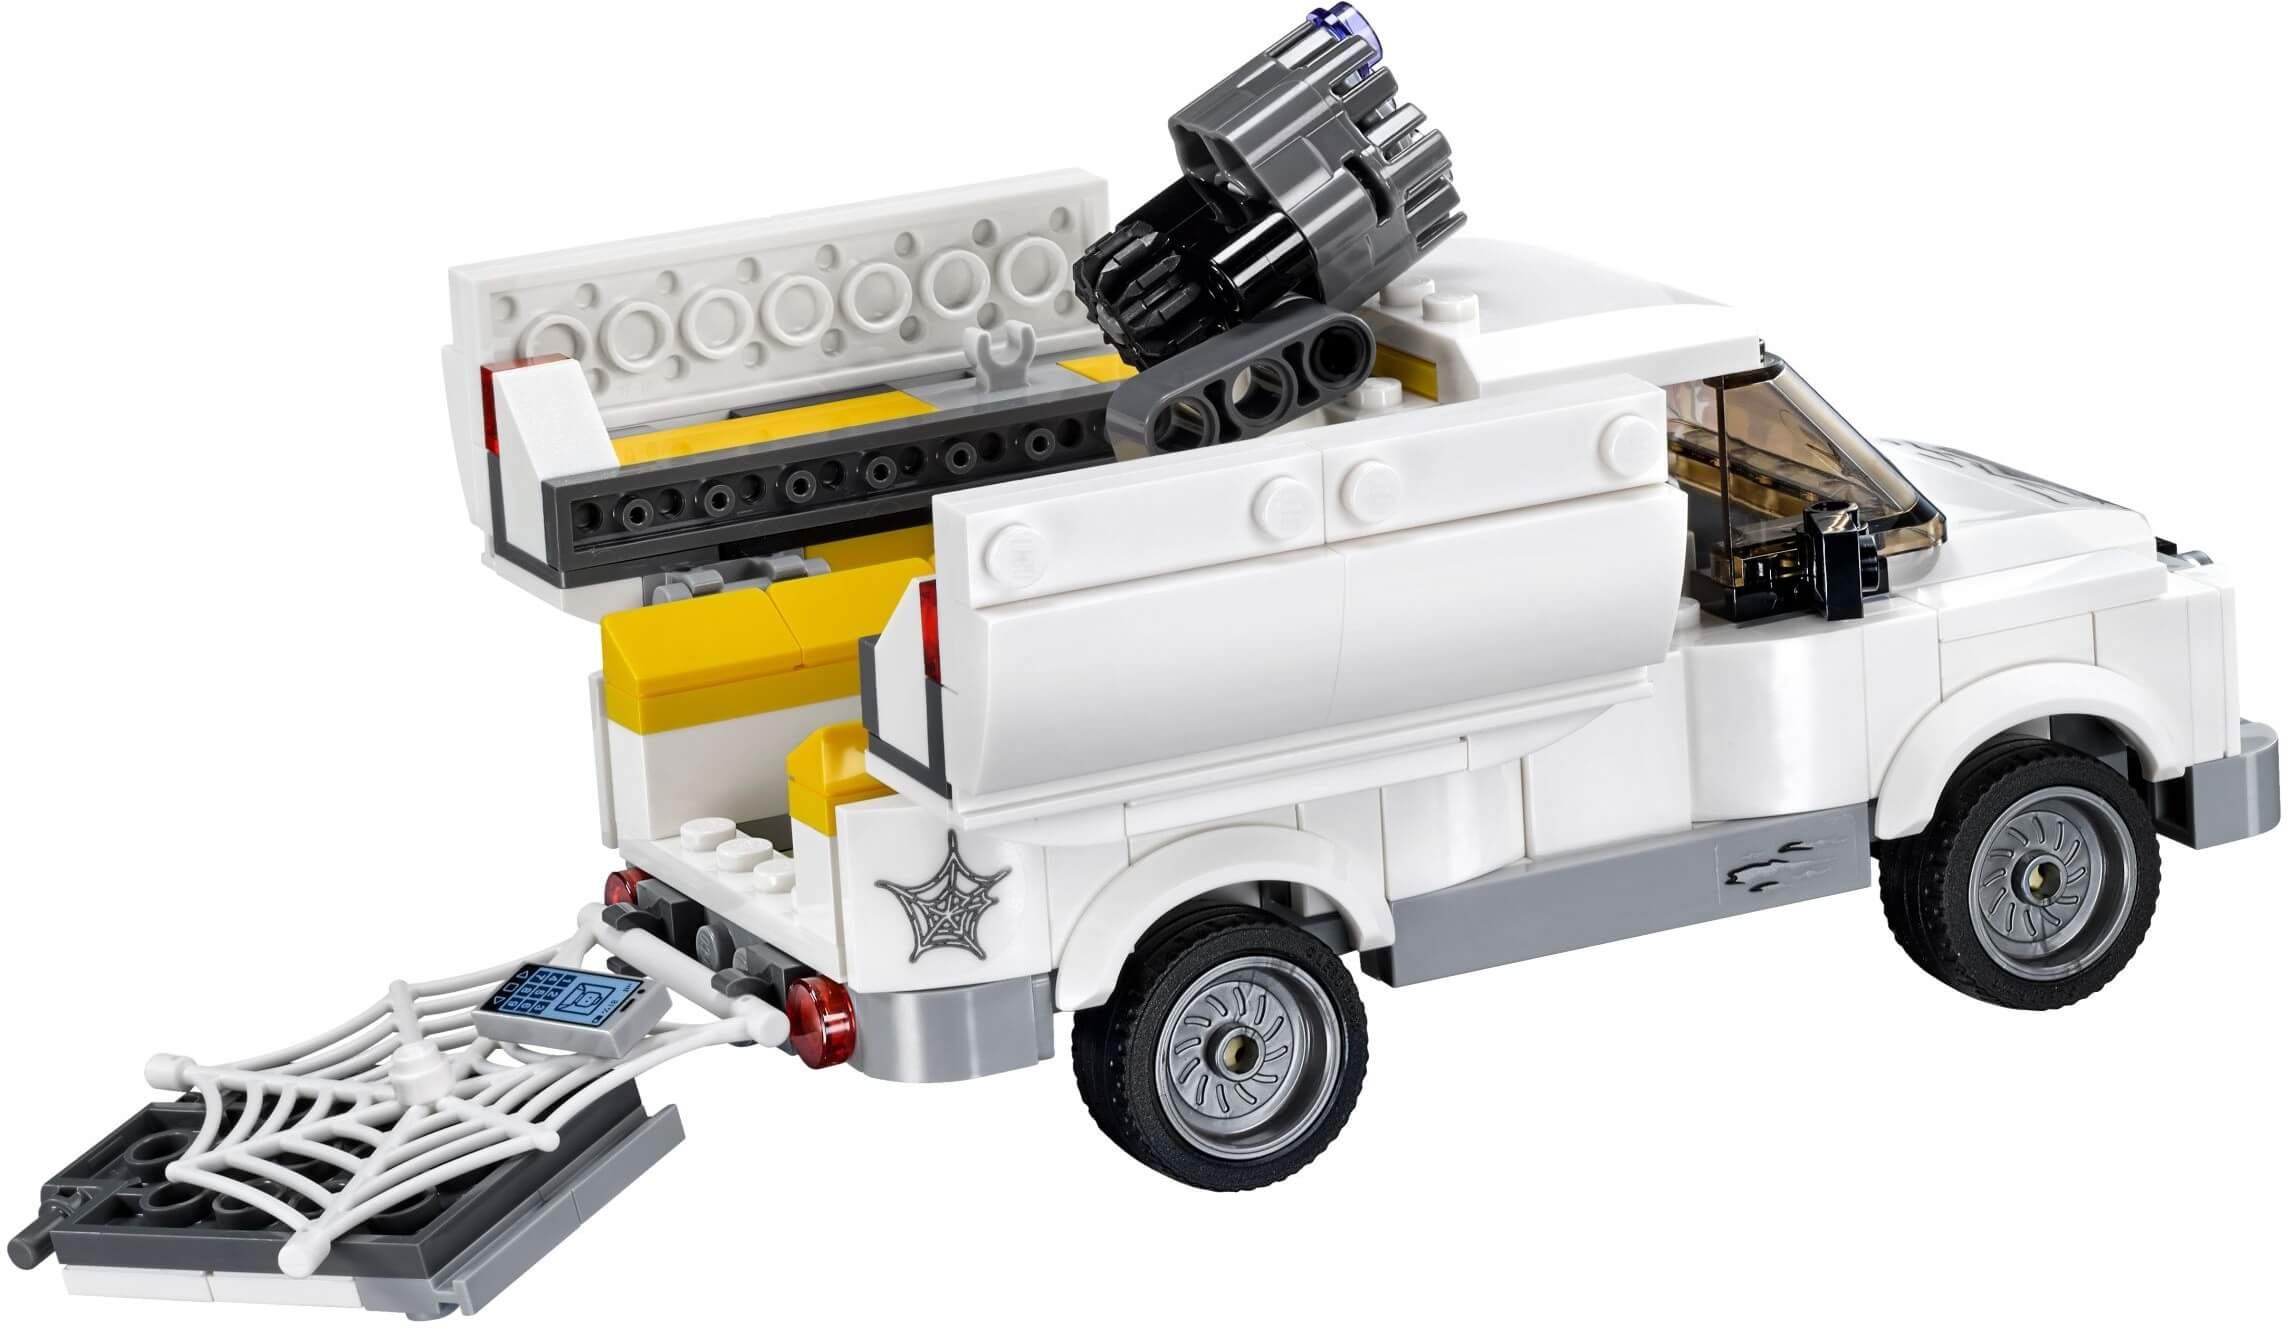 Mua đồ chơi LEGO 76083 - LEGO Super Heroes 76083 - Đại chiến chống lại Người Kền Kền Vulture (LEGO Super Heroes Beware the Vulture)